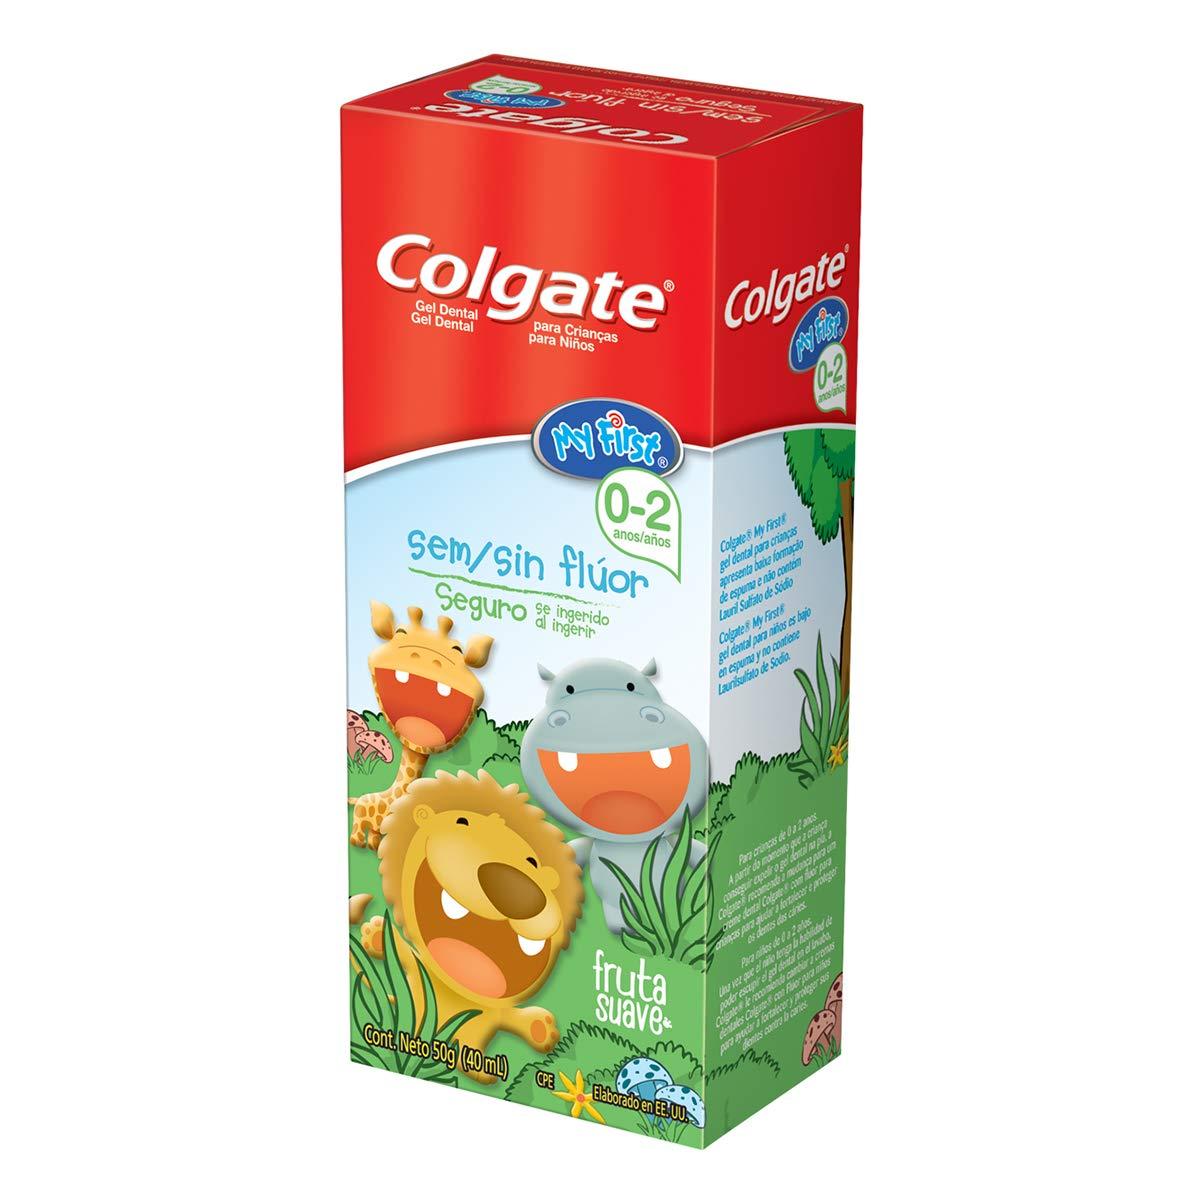 b37af23a5 Colgate My First Gel Dental sin Flúor, 0 a 2 Años: Amazon.com.mx: Salud,  Belleza y Cuidado Personal